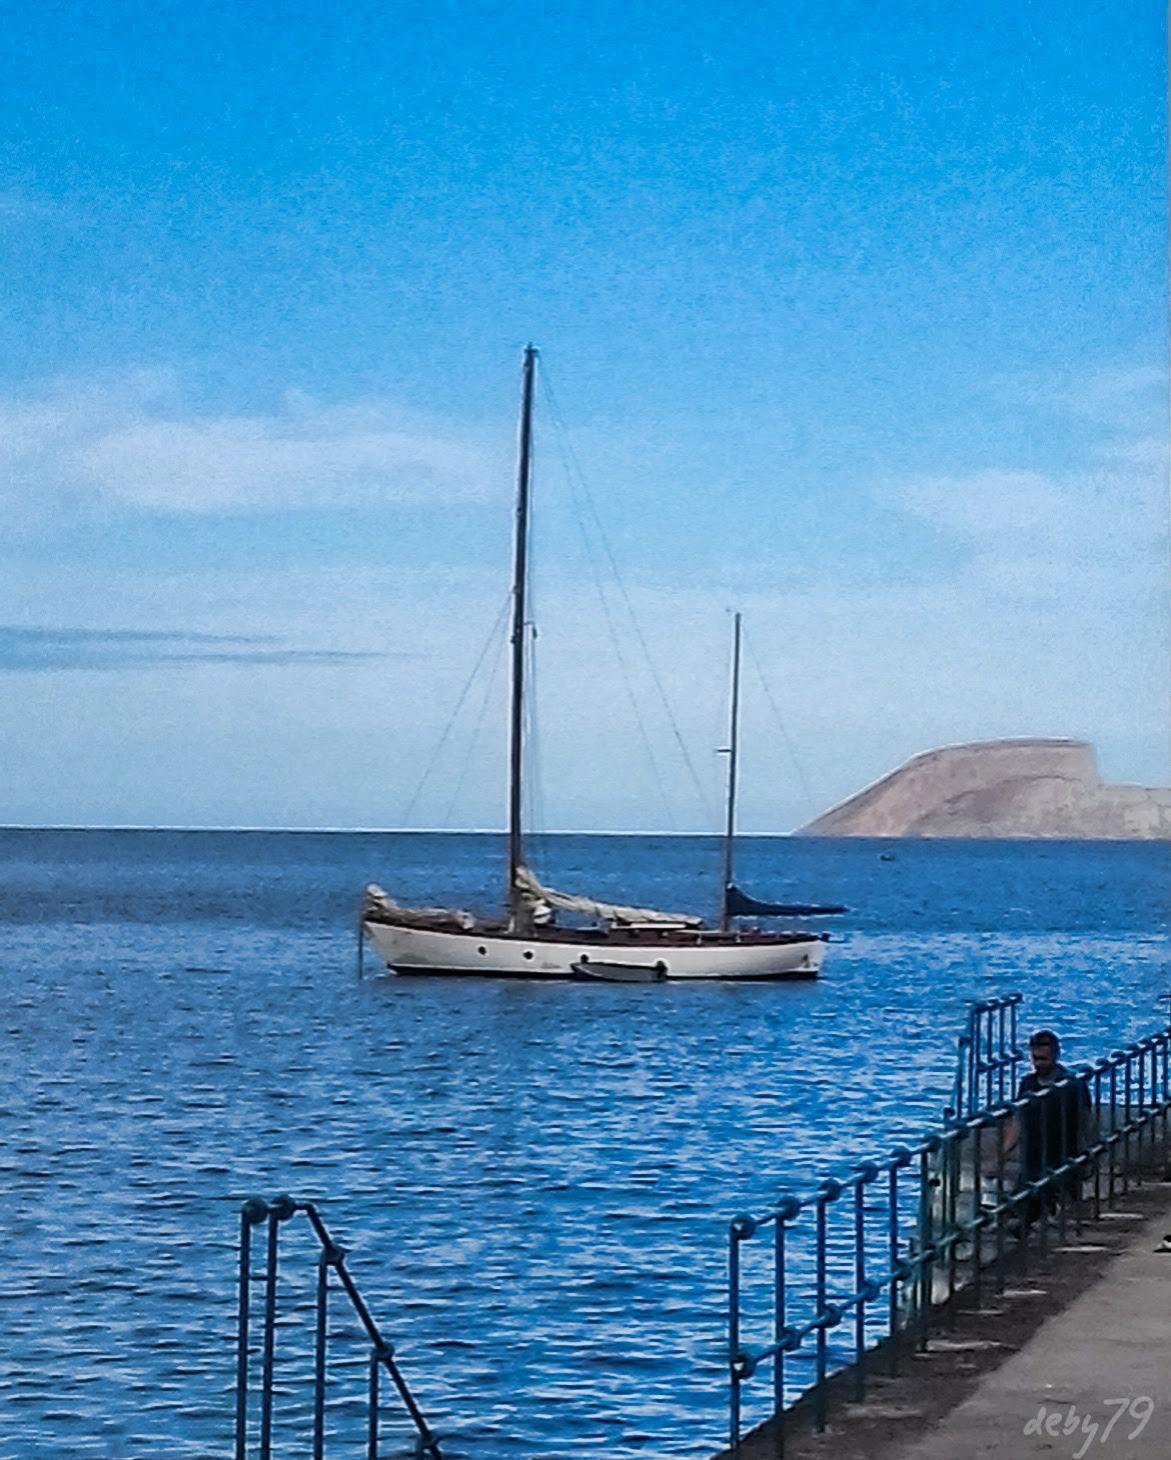 Baía de Angra do Heroísmo – Ilha Terceira